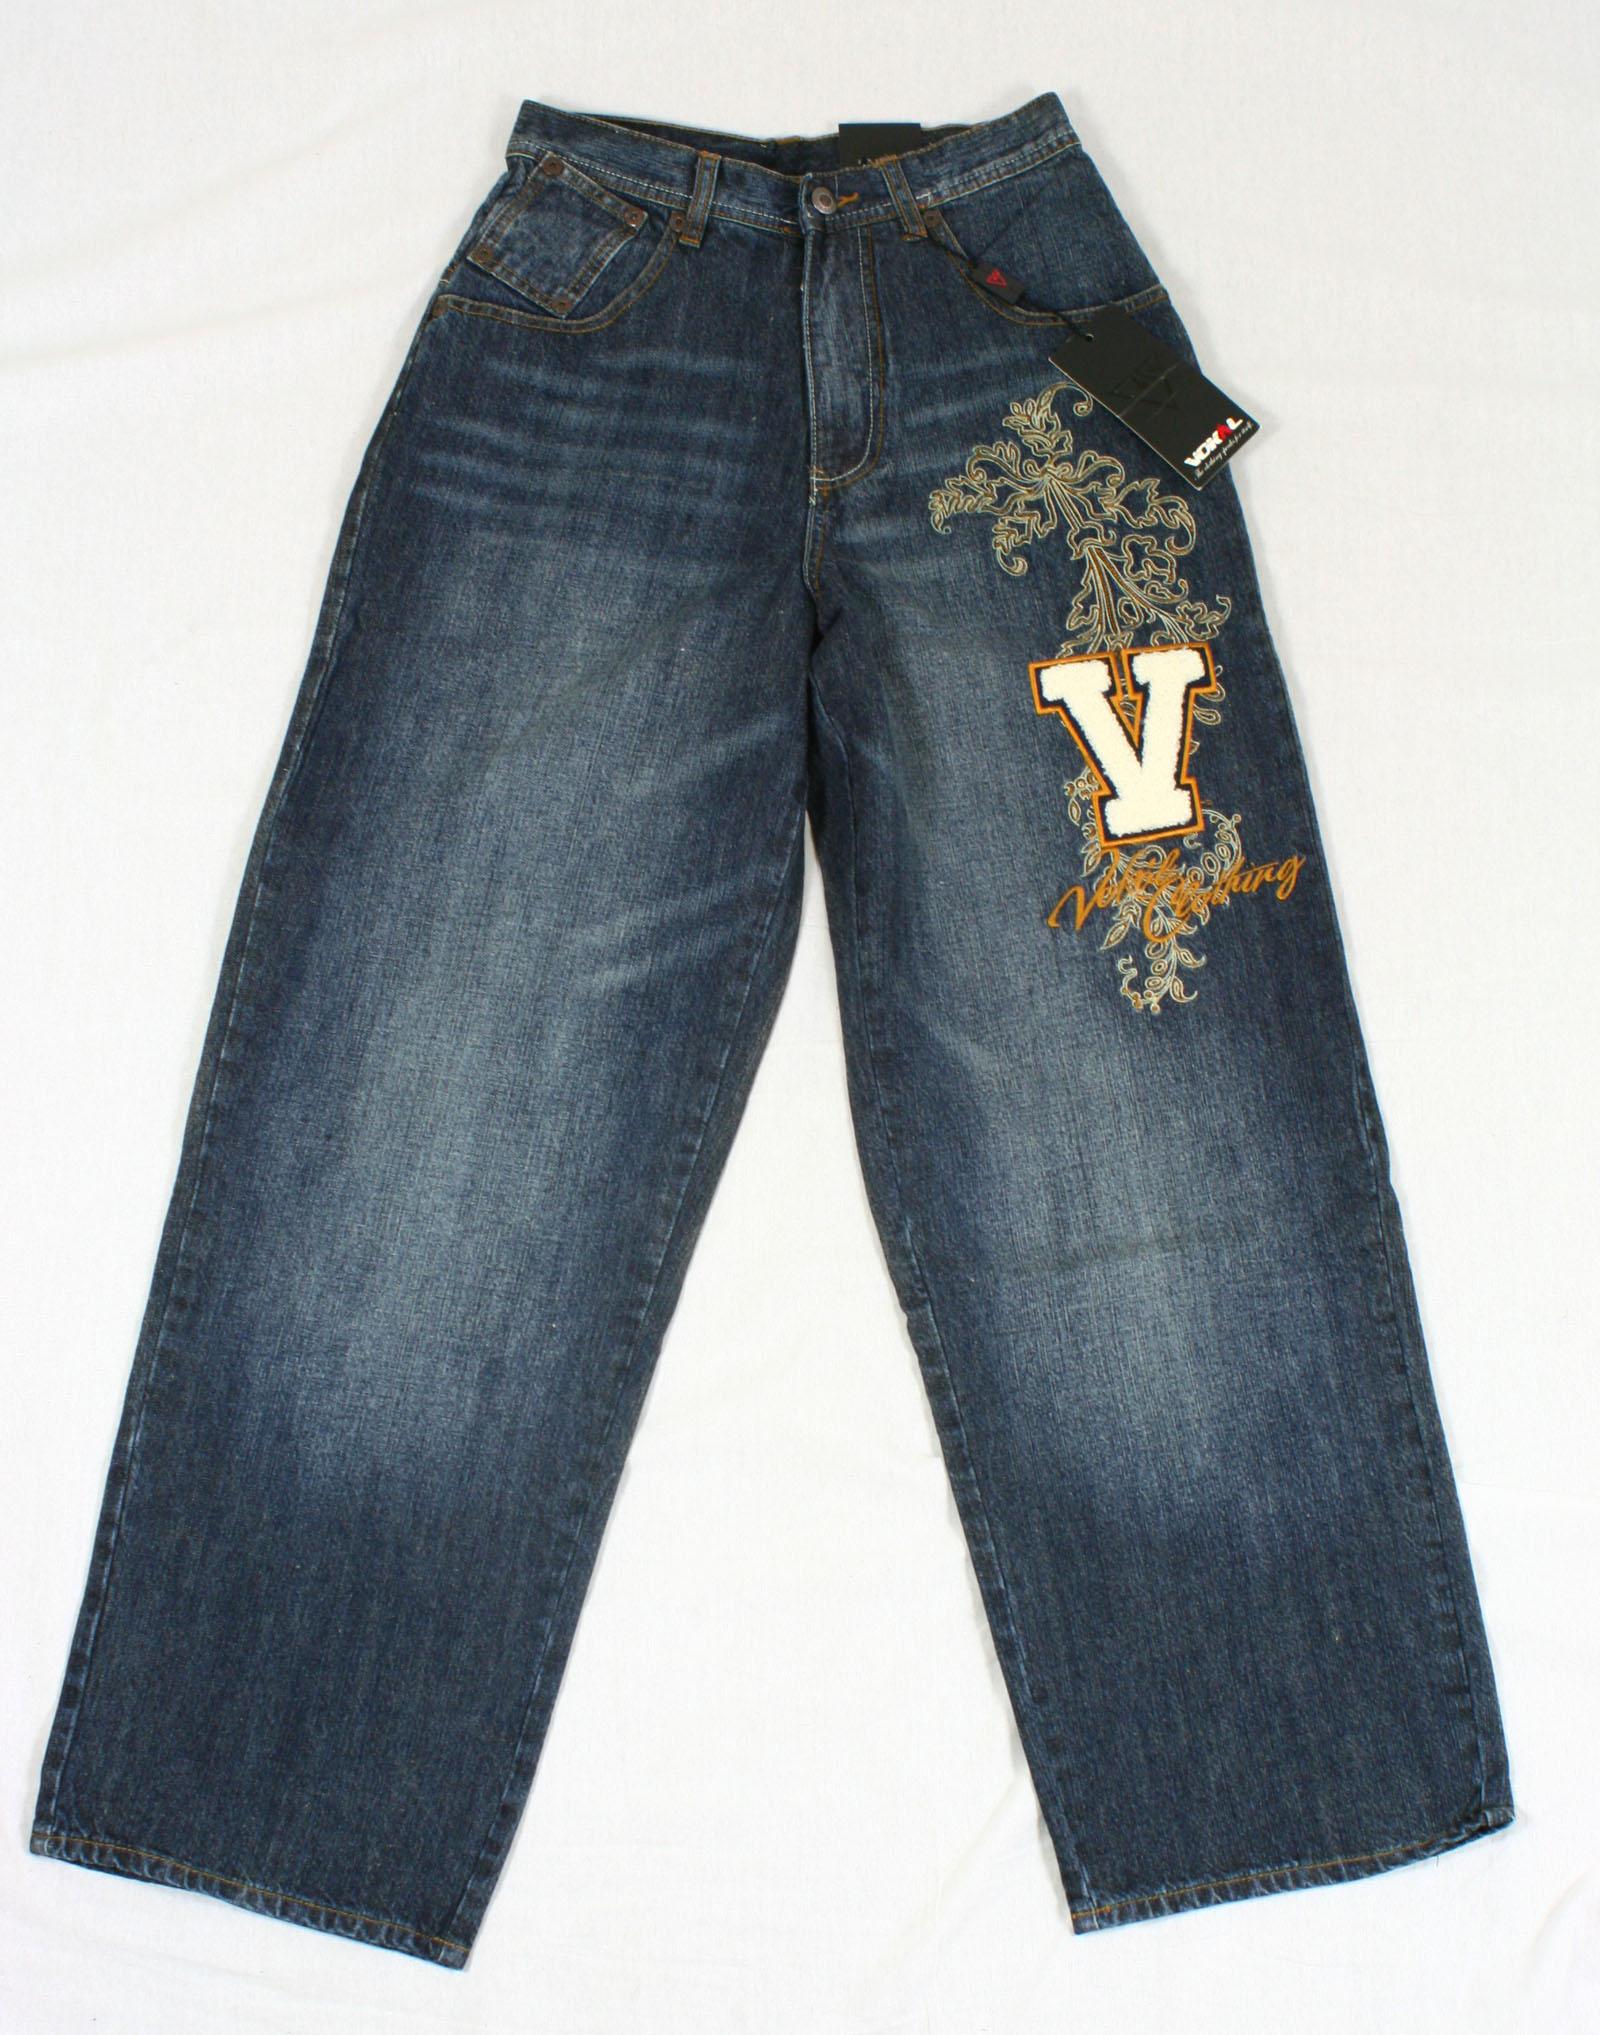 vokal jeans mod vo1107 jeanshose men herren dunkel blau hose 28 30 neu. Black Bedroom Furniture Sets. Home Design Ideas